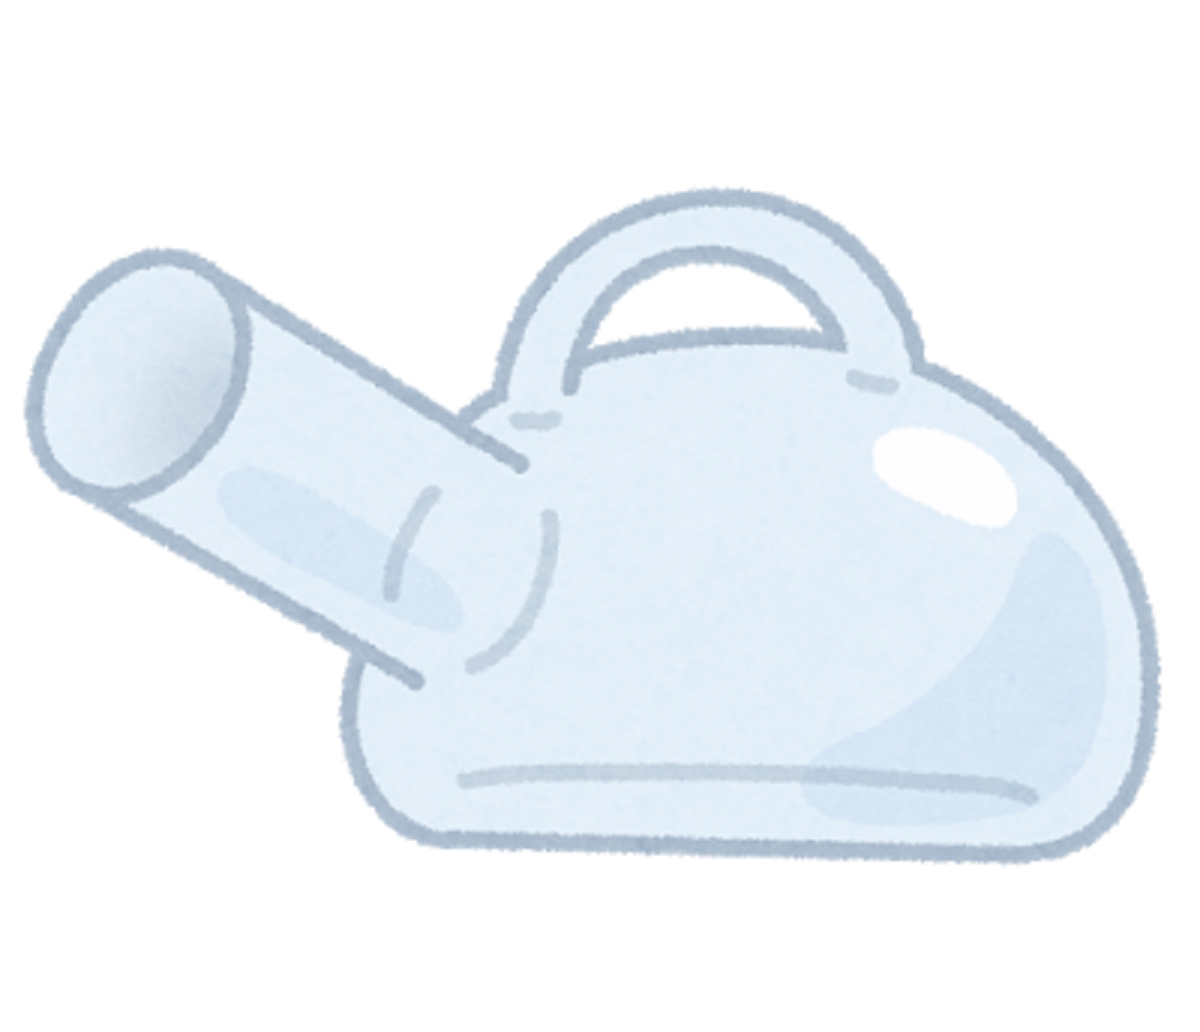 酸化マグネシウムと尿路結石の予防について